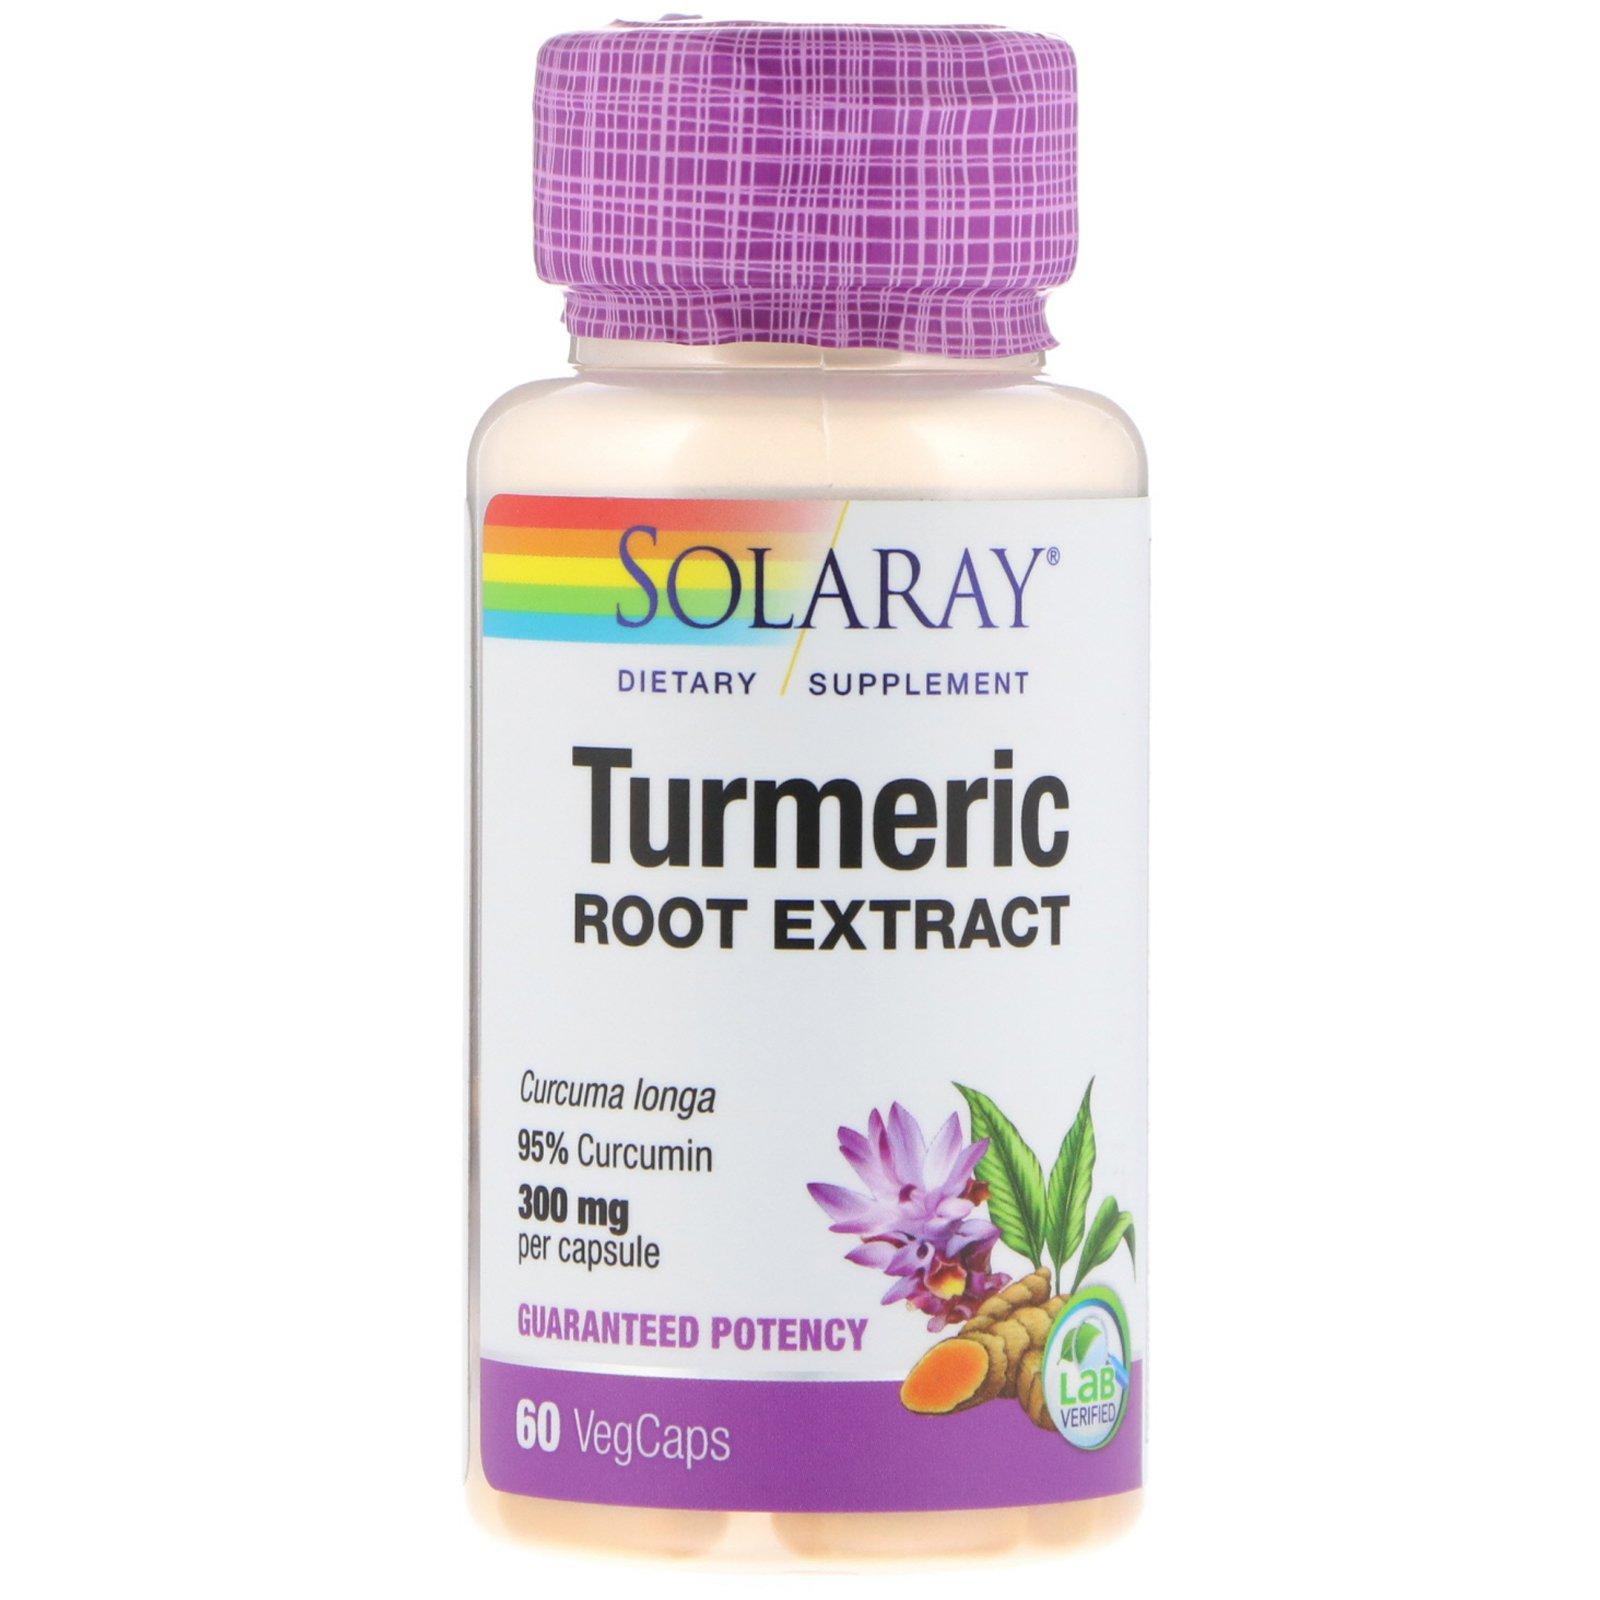 Comprar Solaray turmeric en Gran Farmacia Andorra Online con artritis la Cúrcuma es un buen aliado calma el dolor favorece eliminación de toxinas Ideal contra la formación de coágulos en la sangre